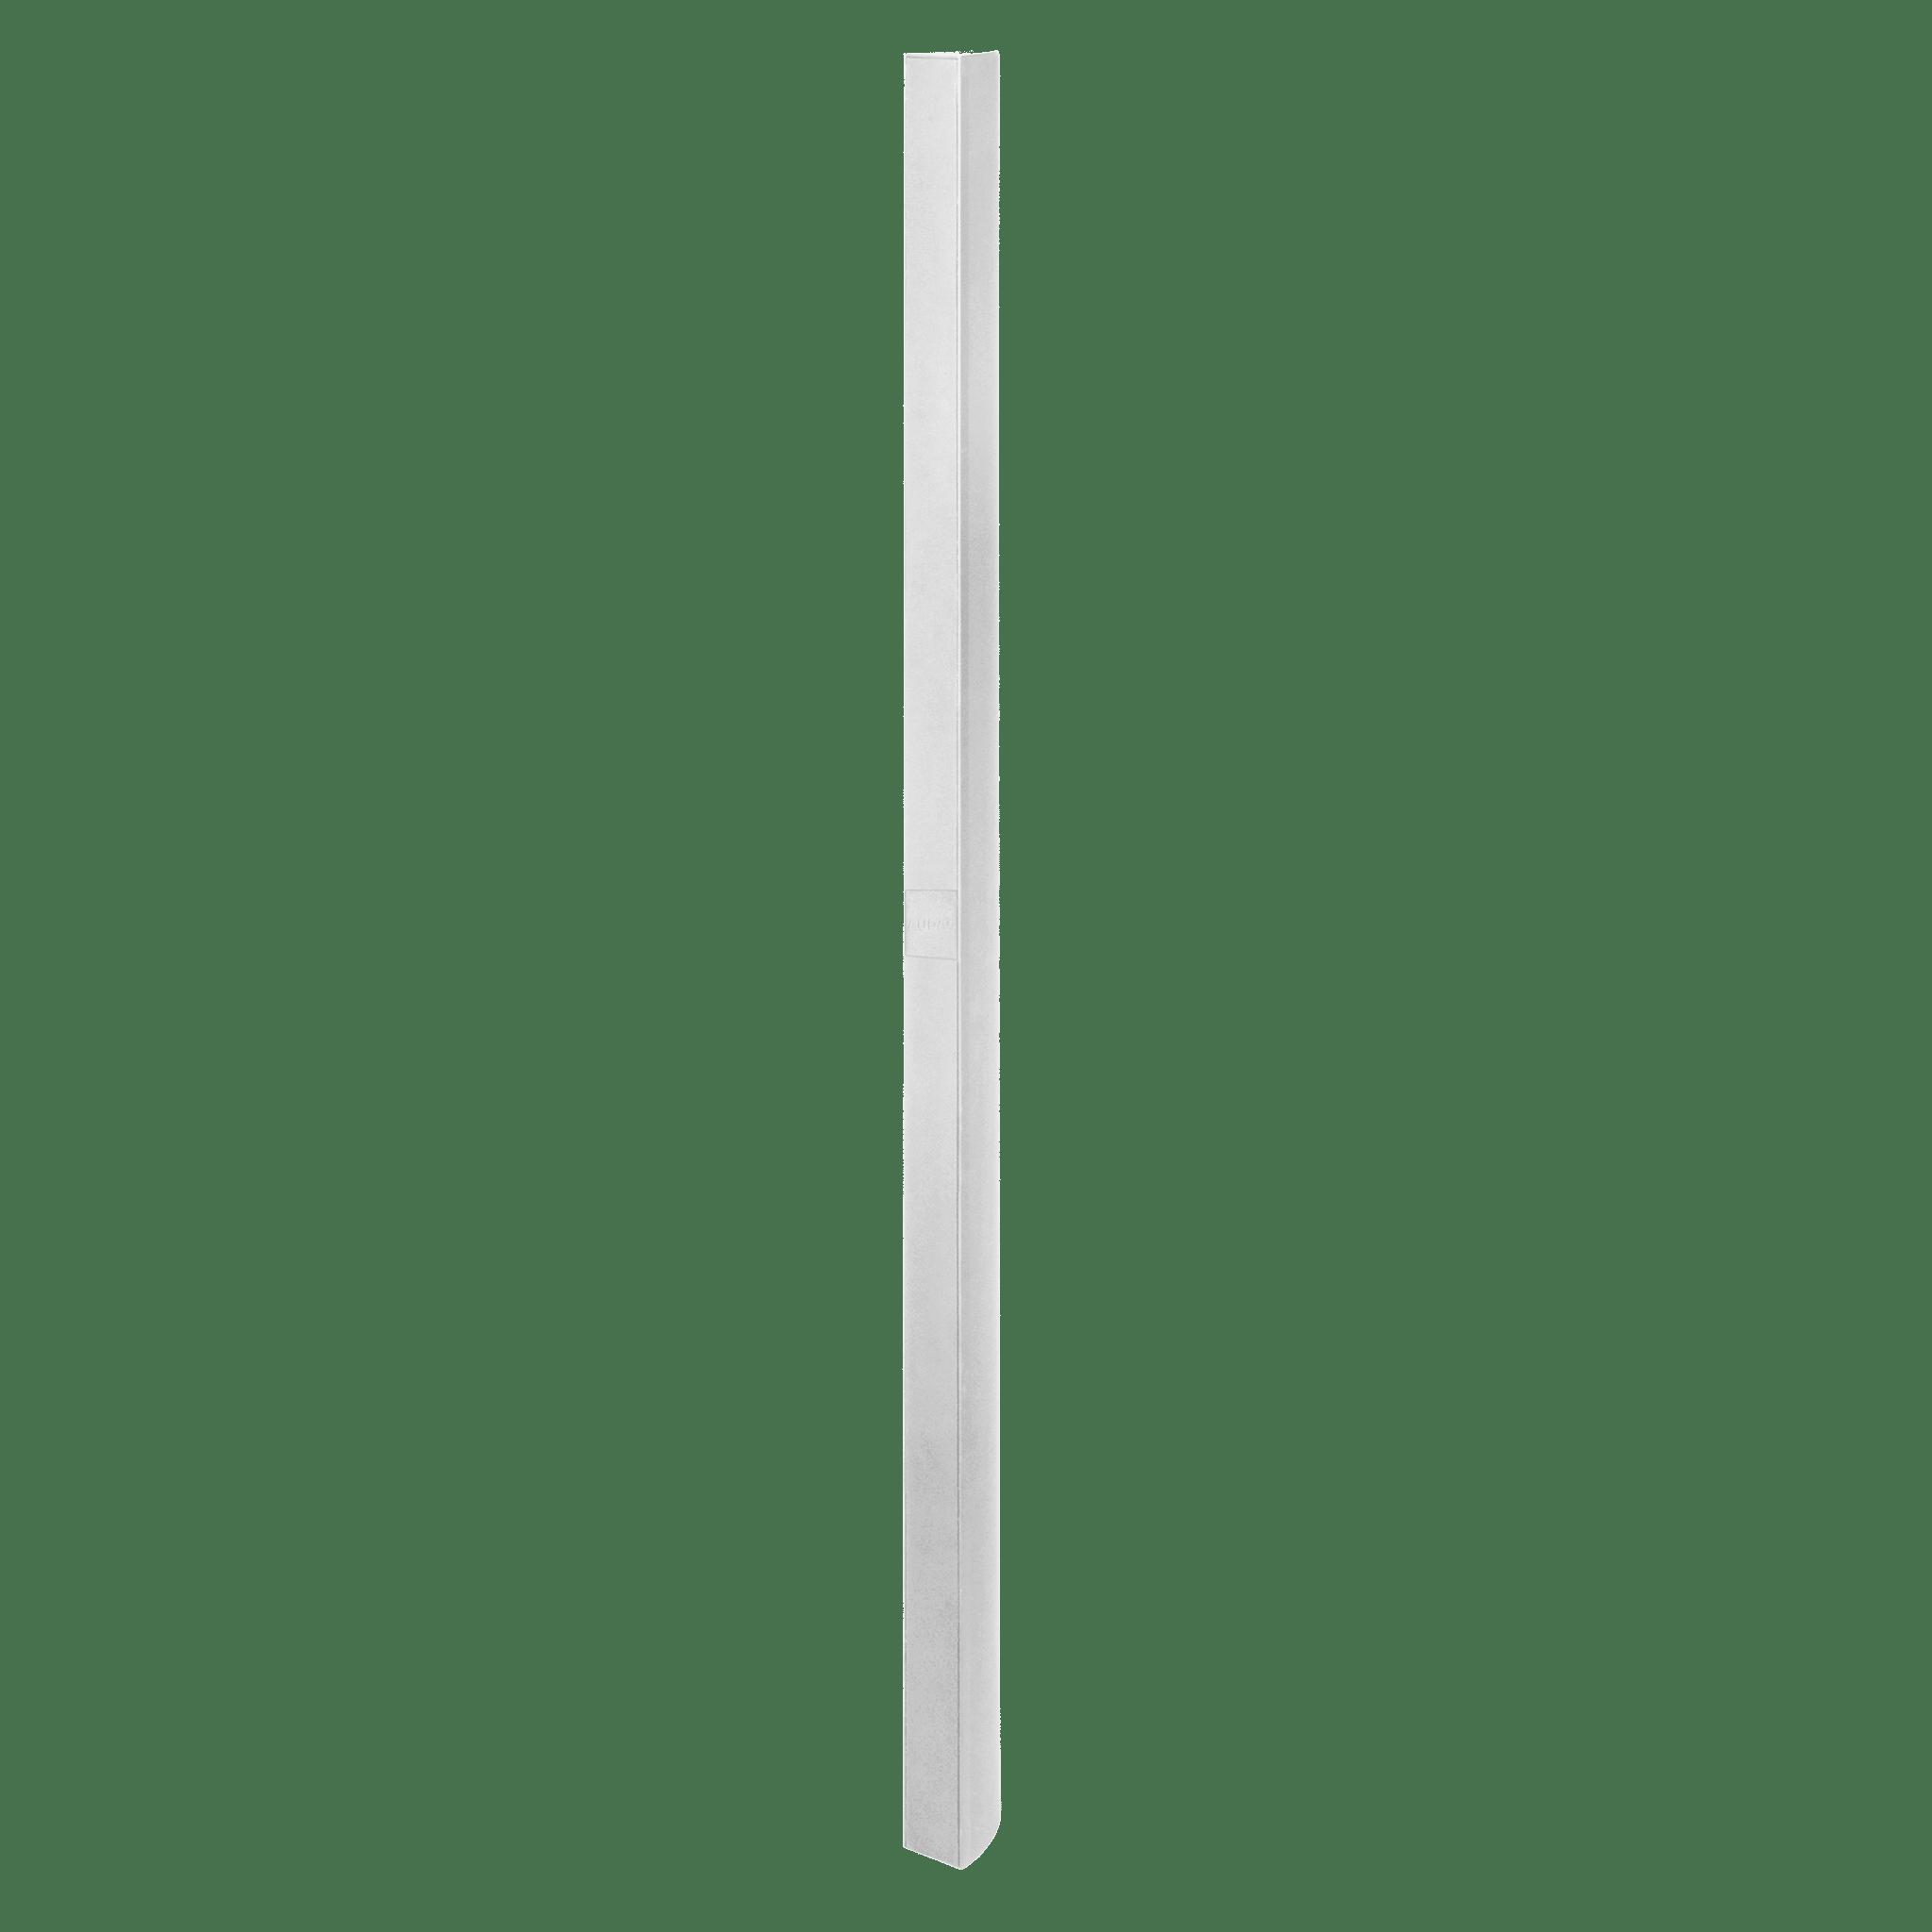 GIAX/W - White version